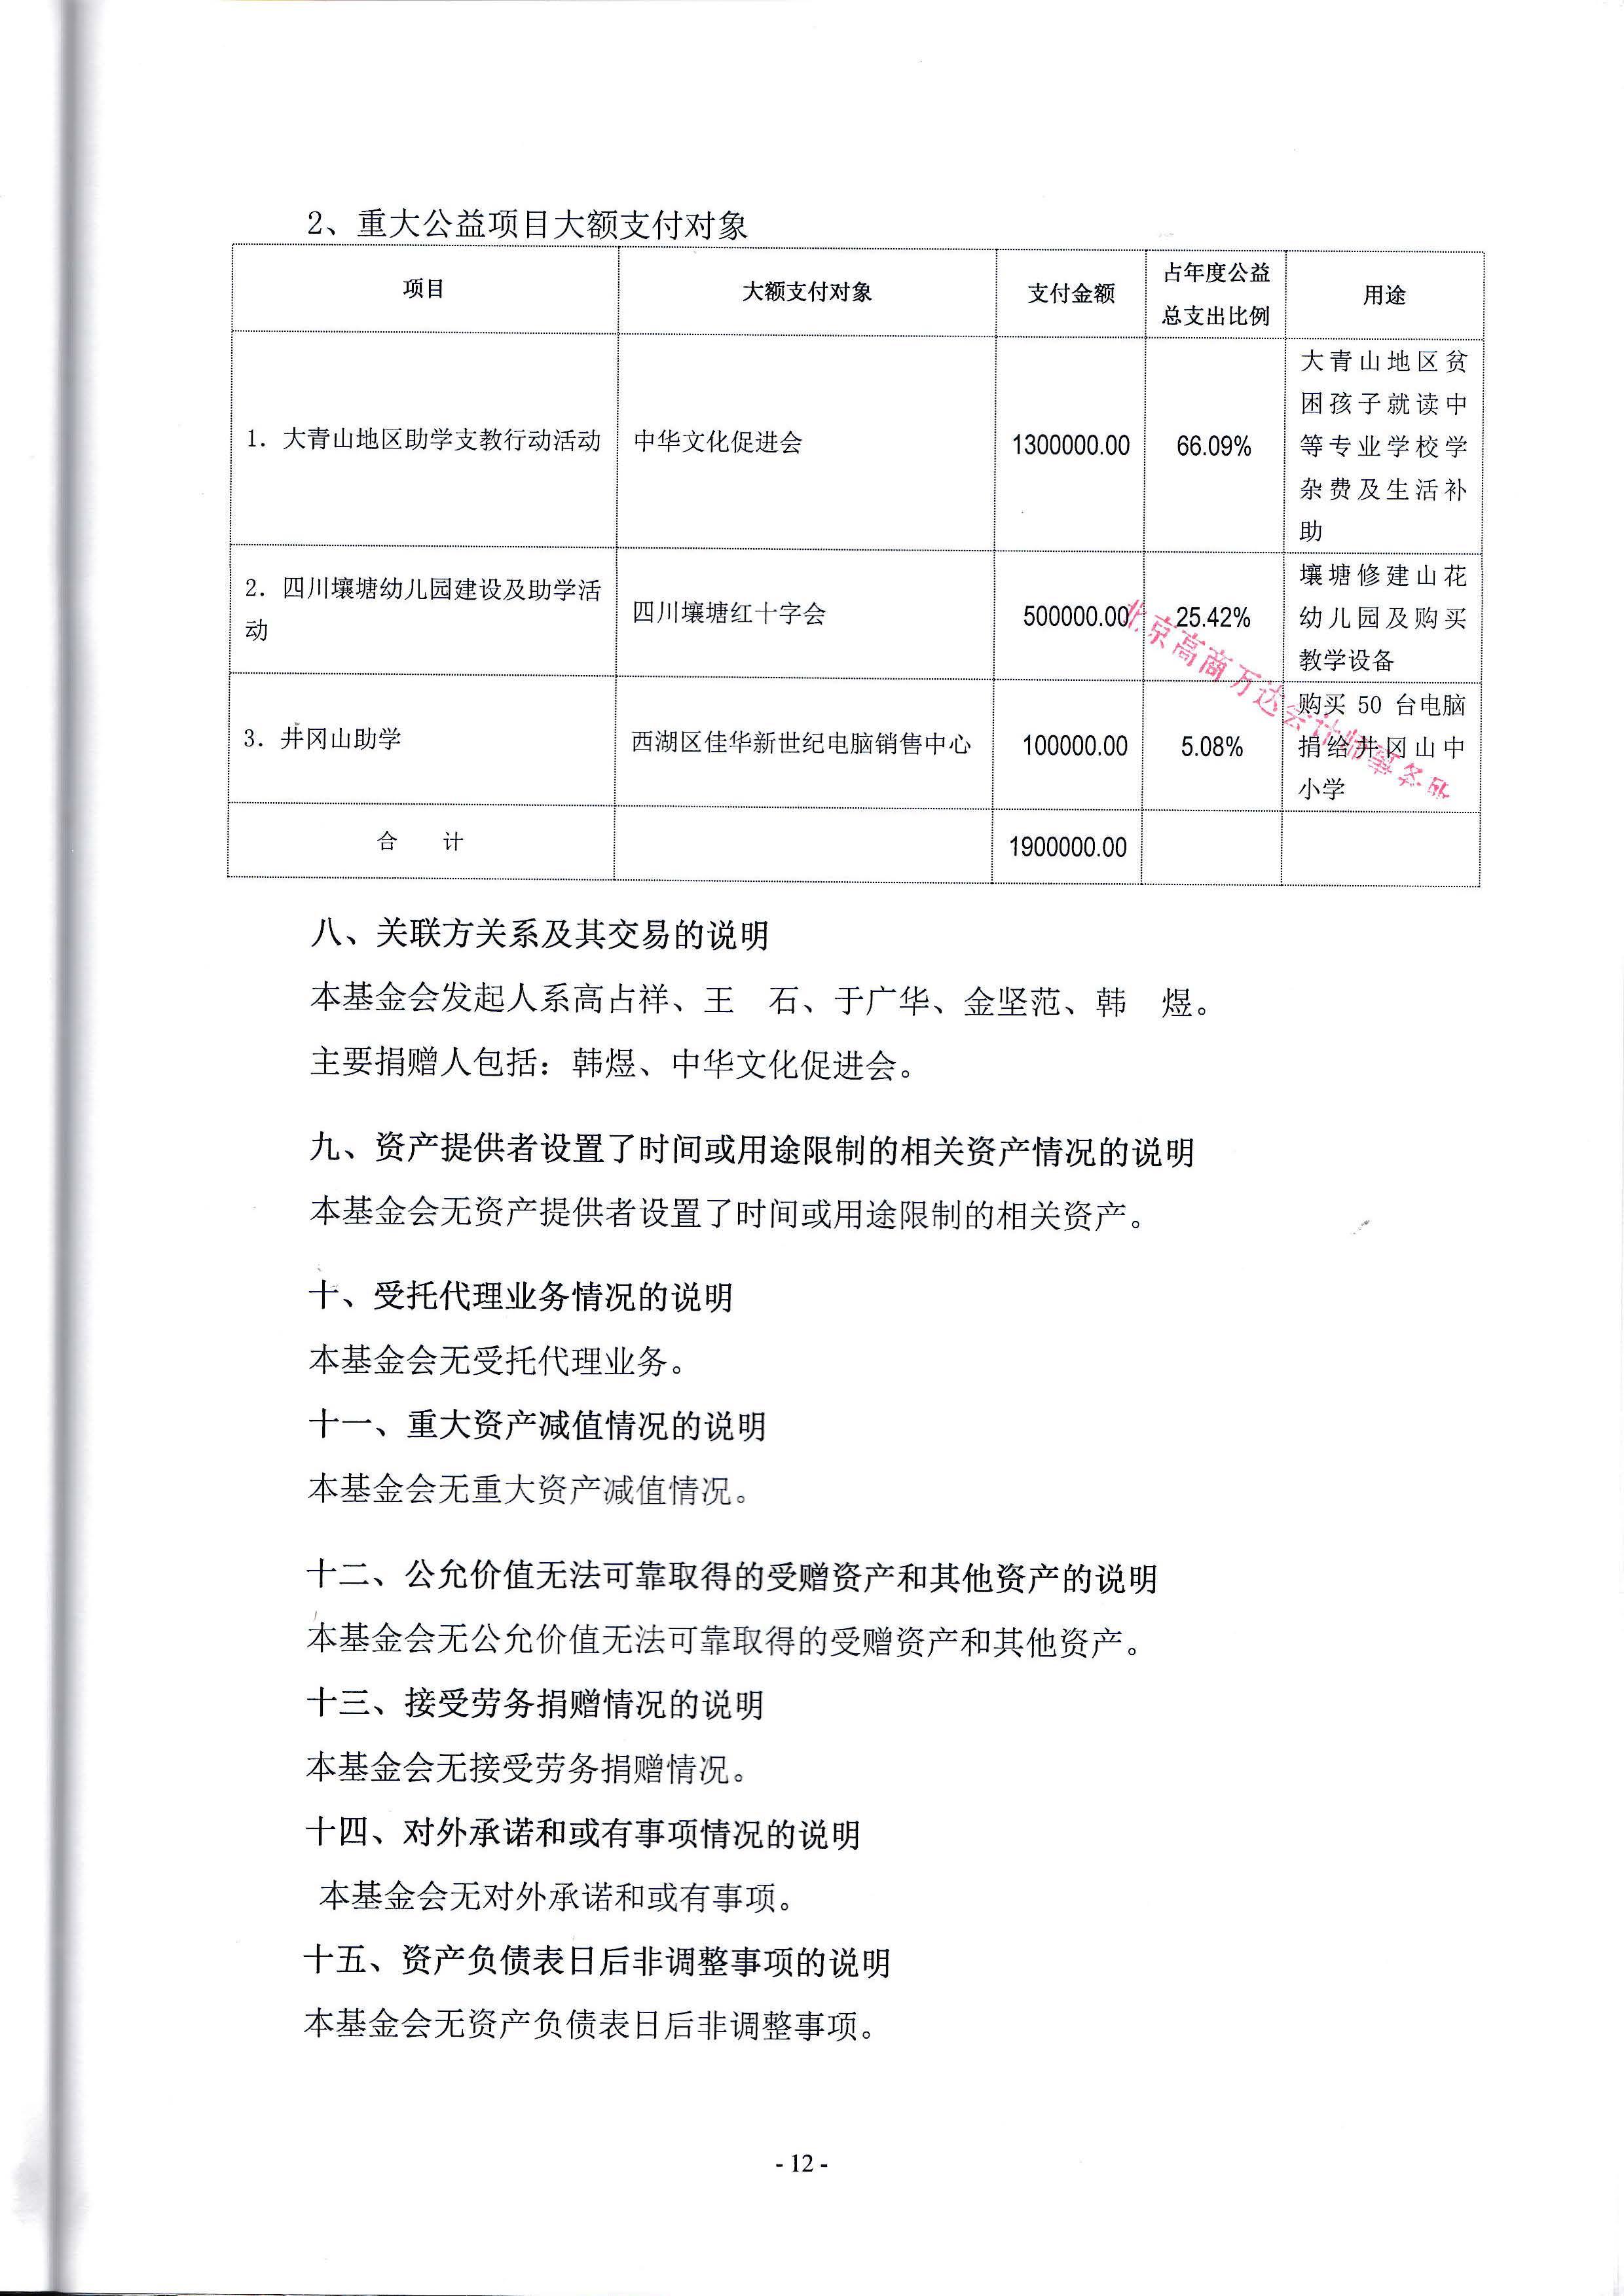 2013审计报告_页面_15